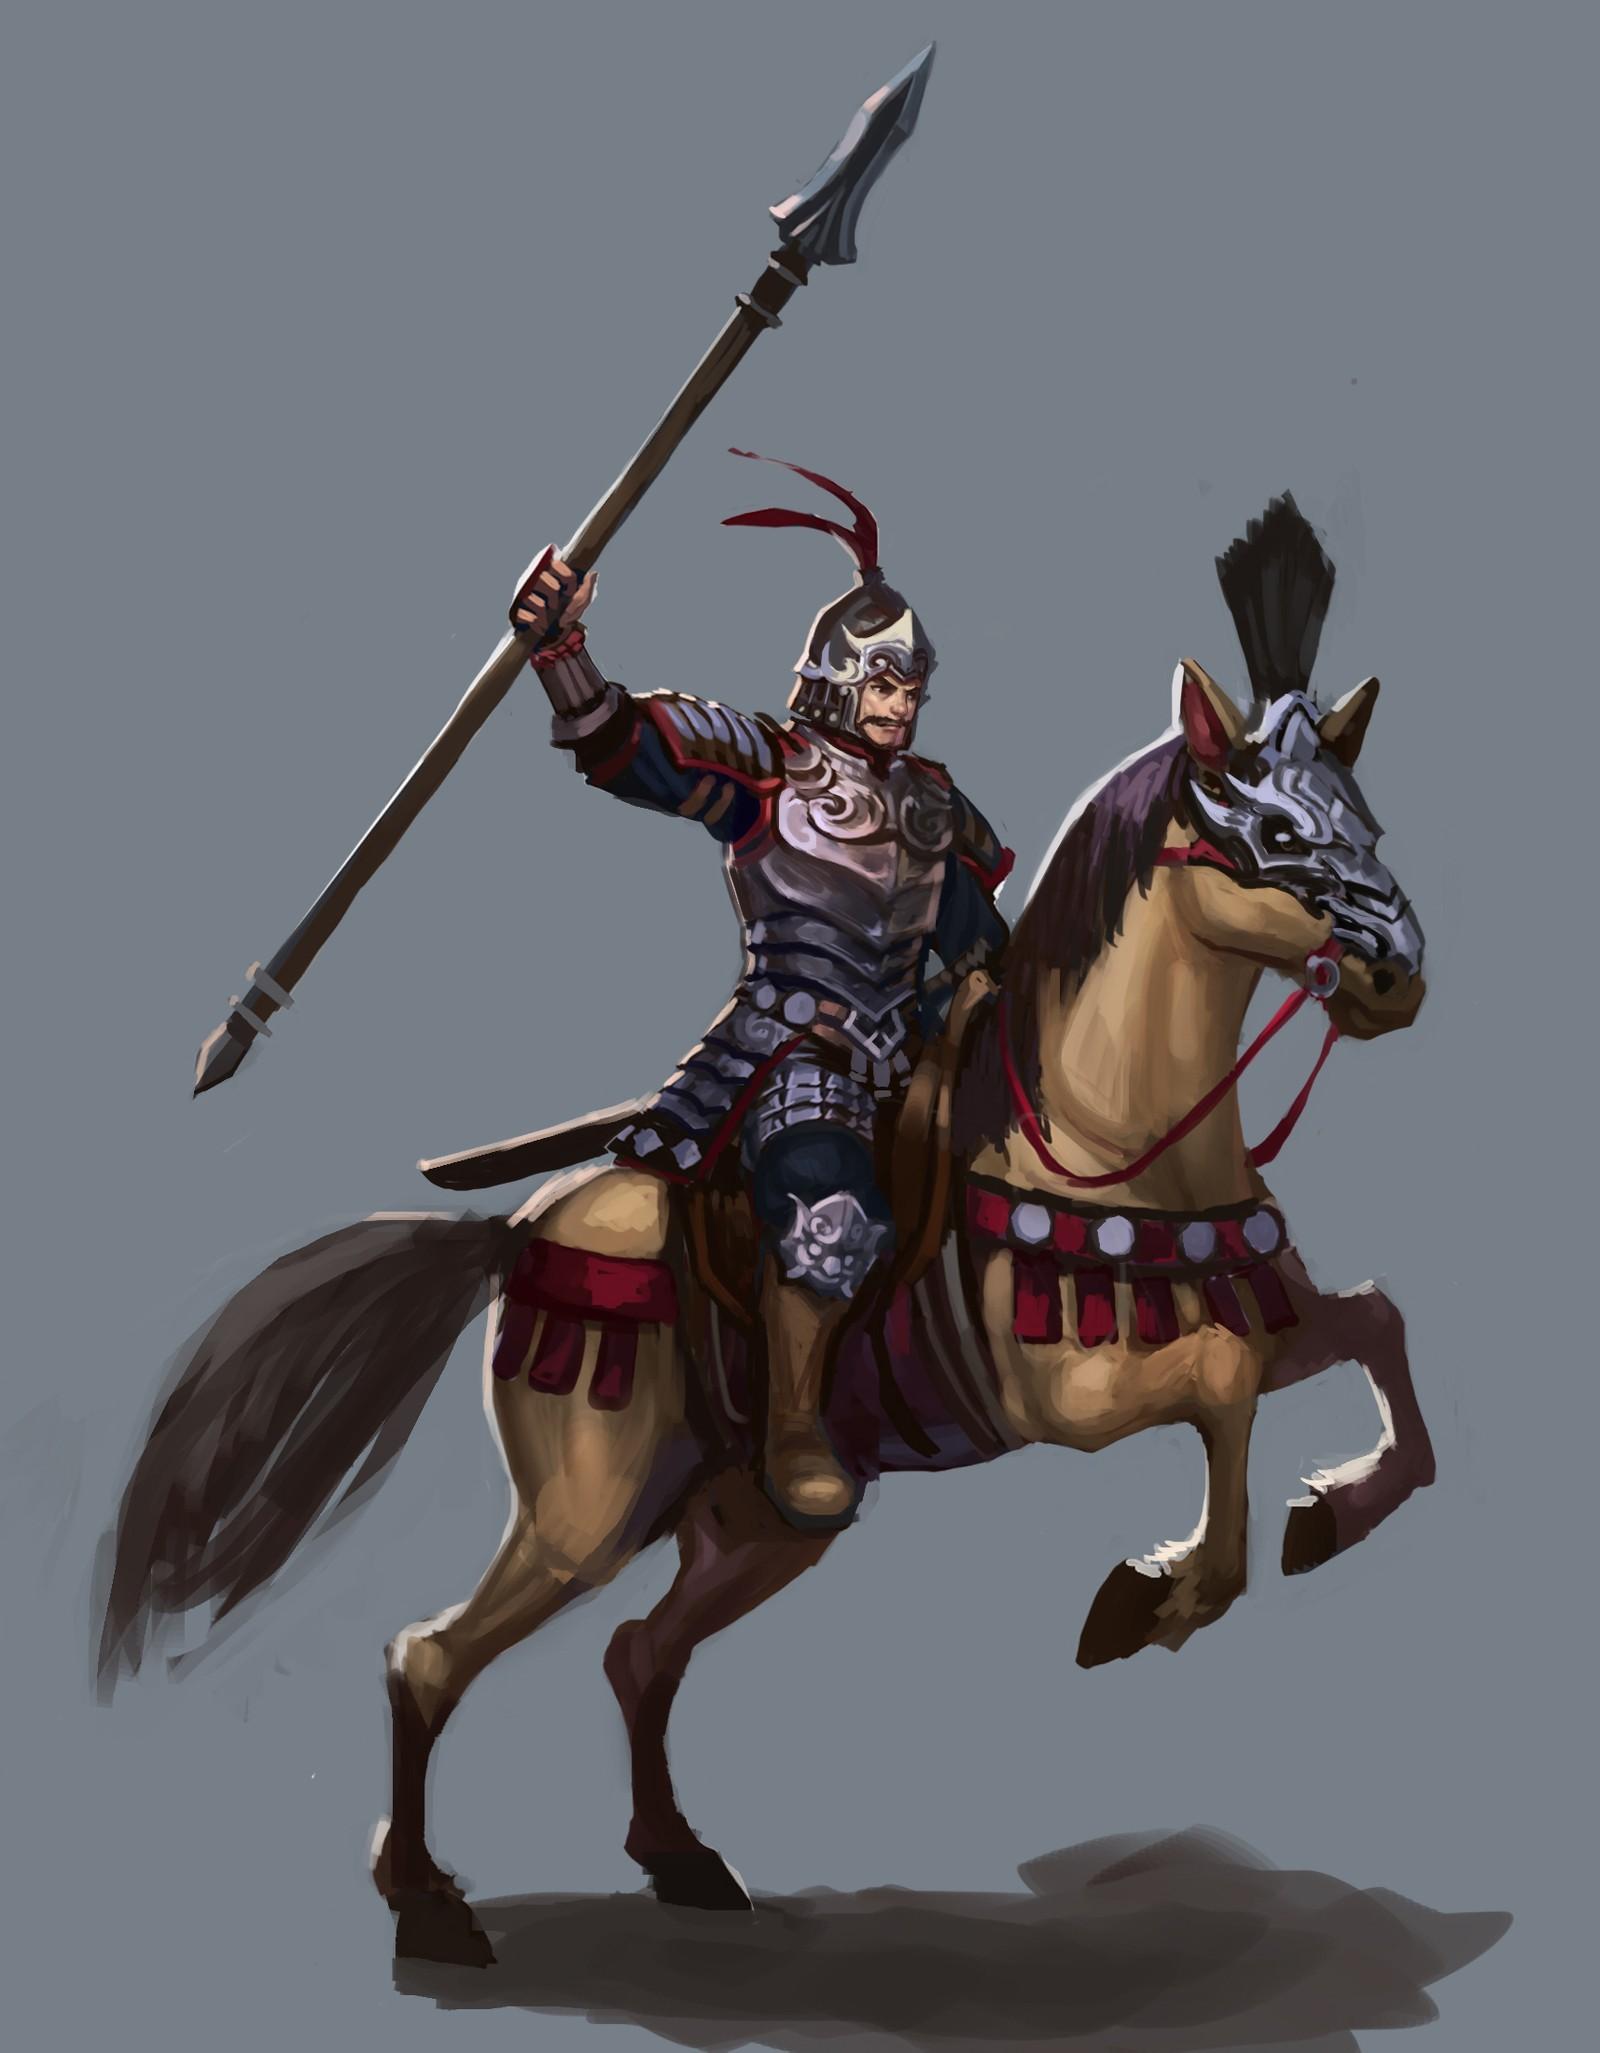 古代骑士 由 kingjack